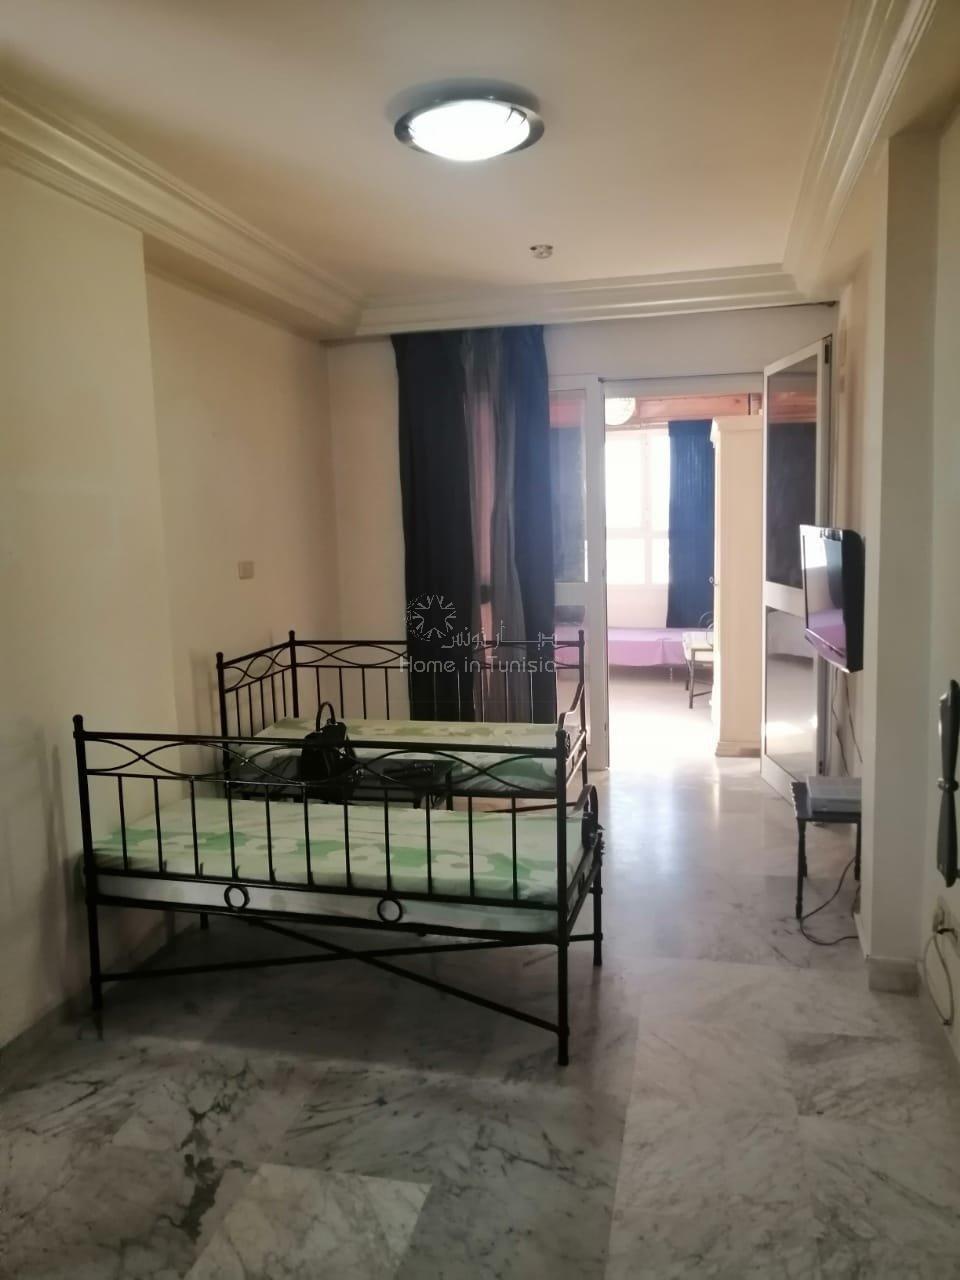 2 appartements s+1 à vendre